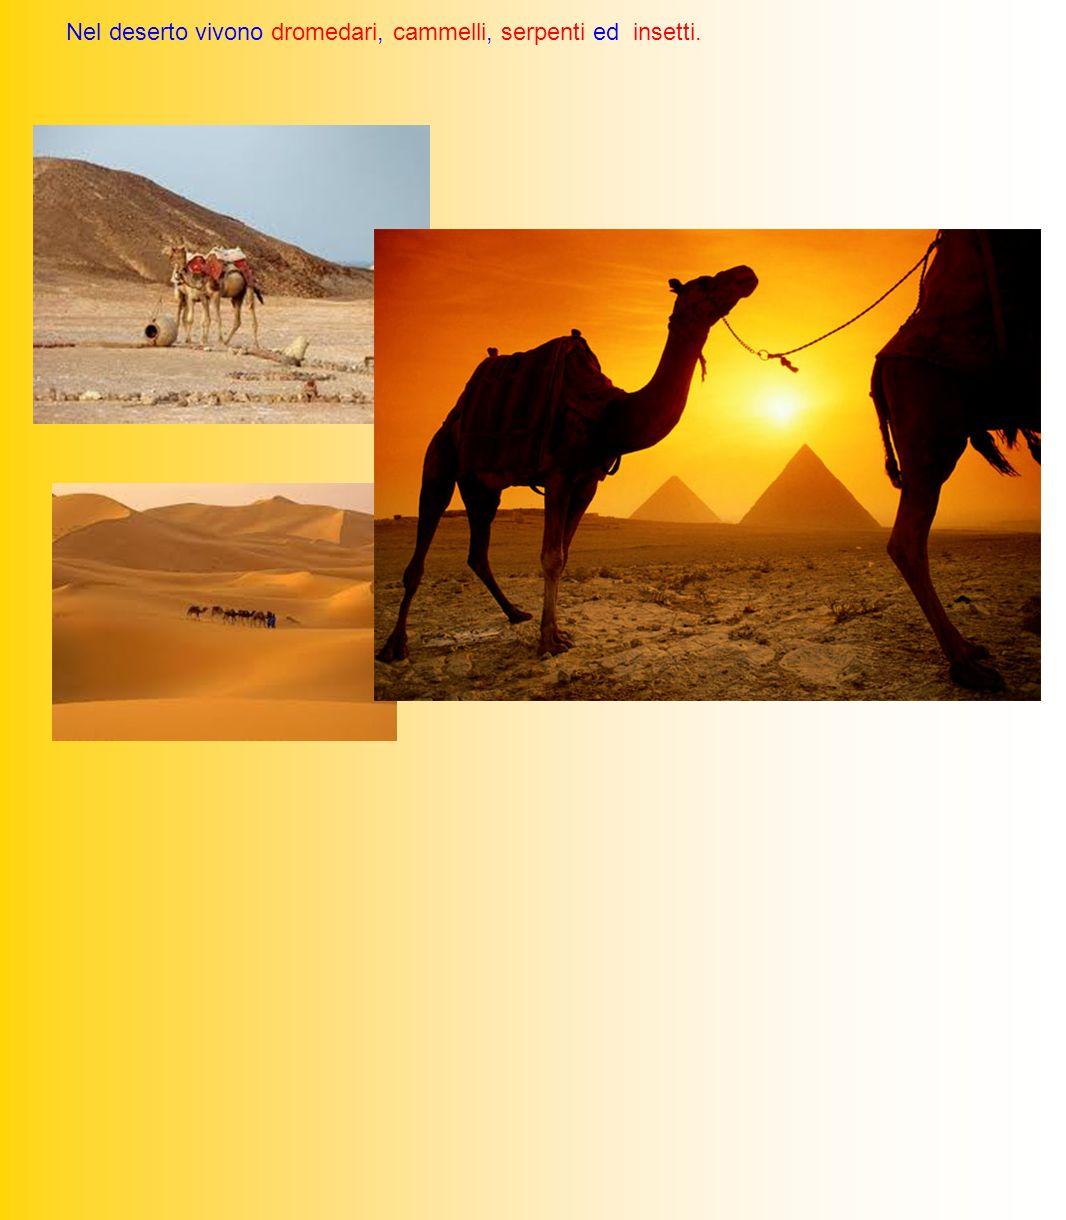 Nel deserto vivono dromedari, cammelli, serpenti ed insetti.